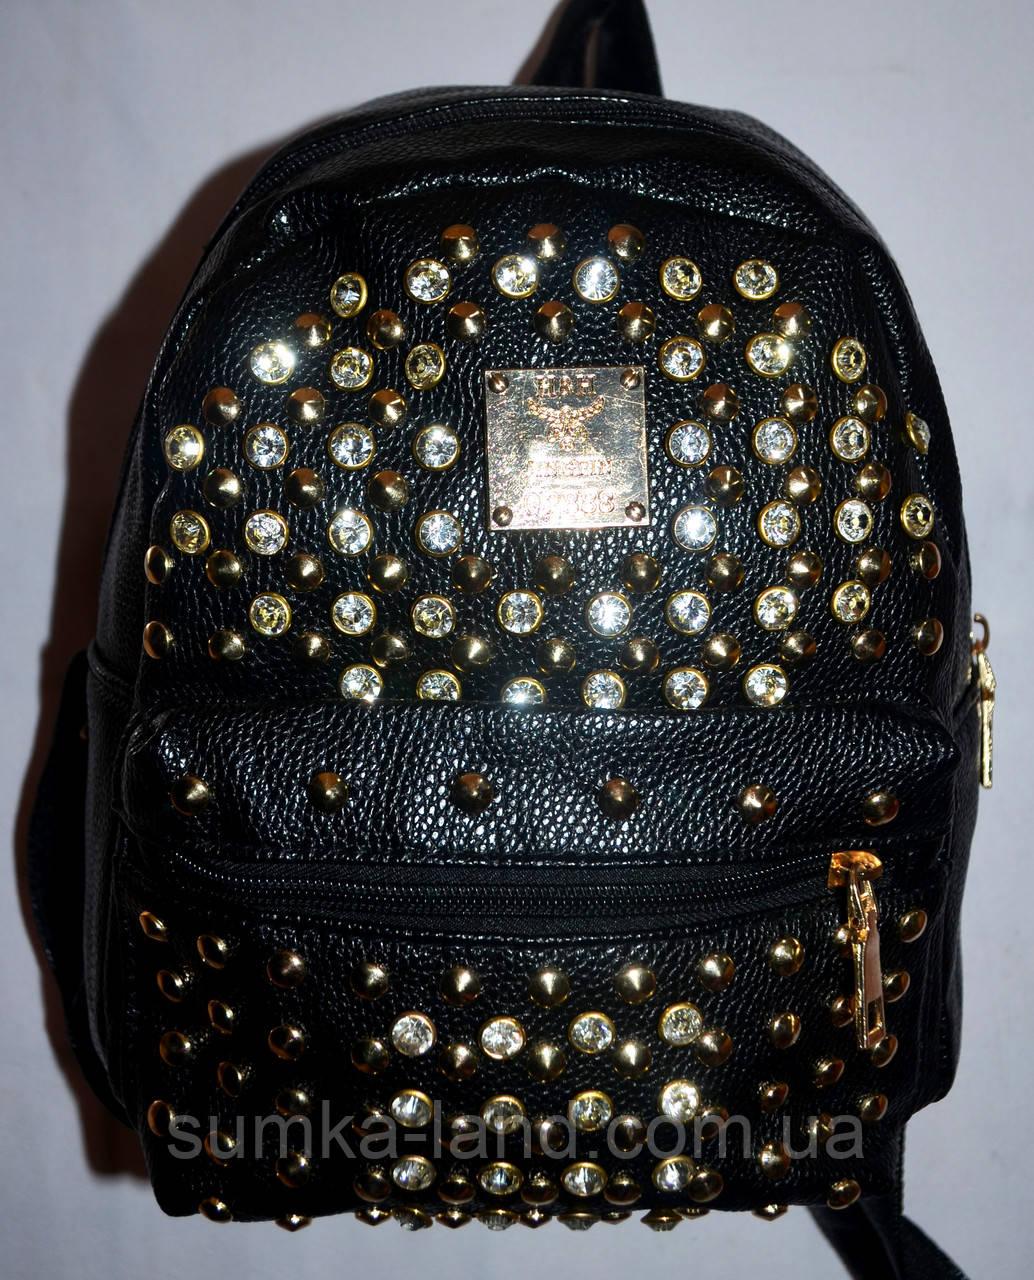 Женский молодежный рюкзак из кожзама с шипами черный 20*24 см